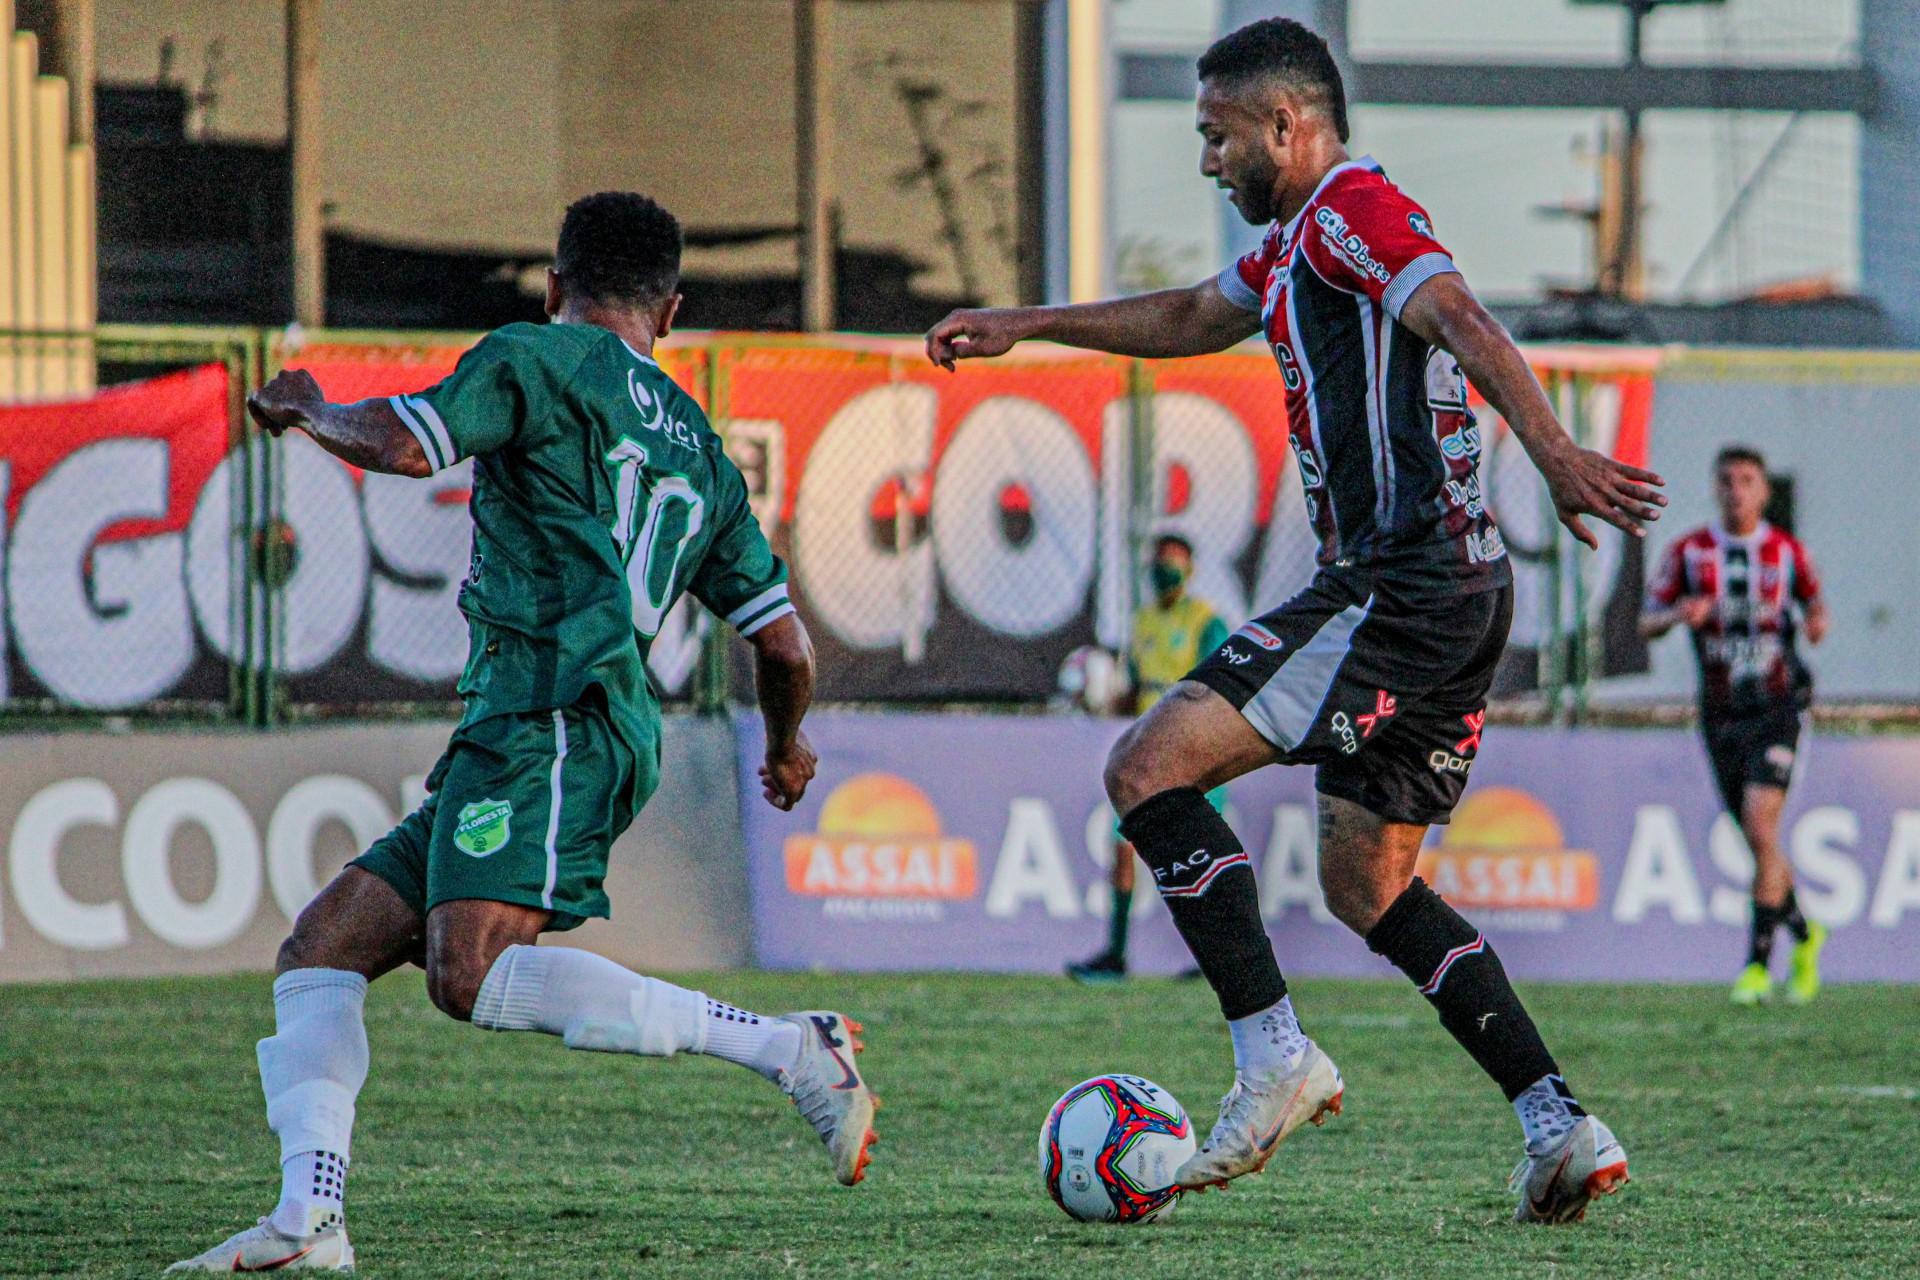 Lance da partida entre Floresta e Ferroviário, no estádio Carlos de Alencar Pinto, pela nona rodada da Série C 2021 (Foto: Lenilson Santos/Divulgação/Ferroviário)